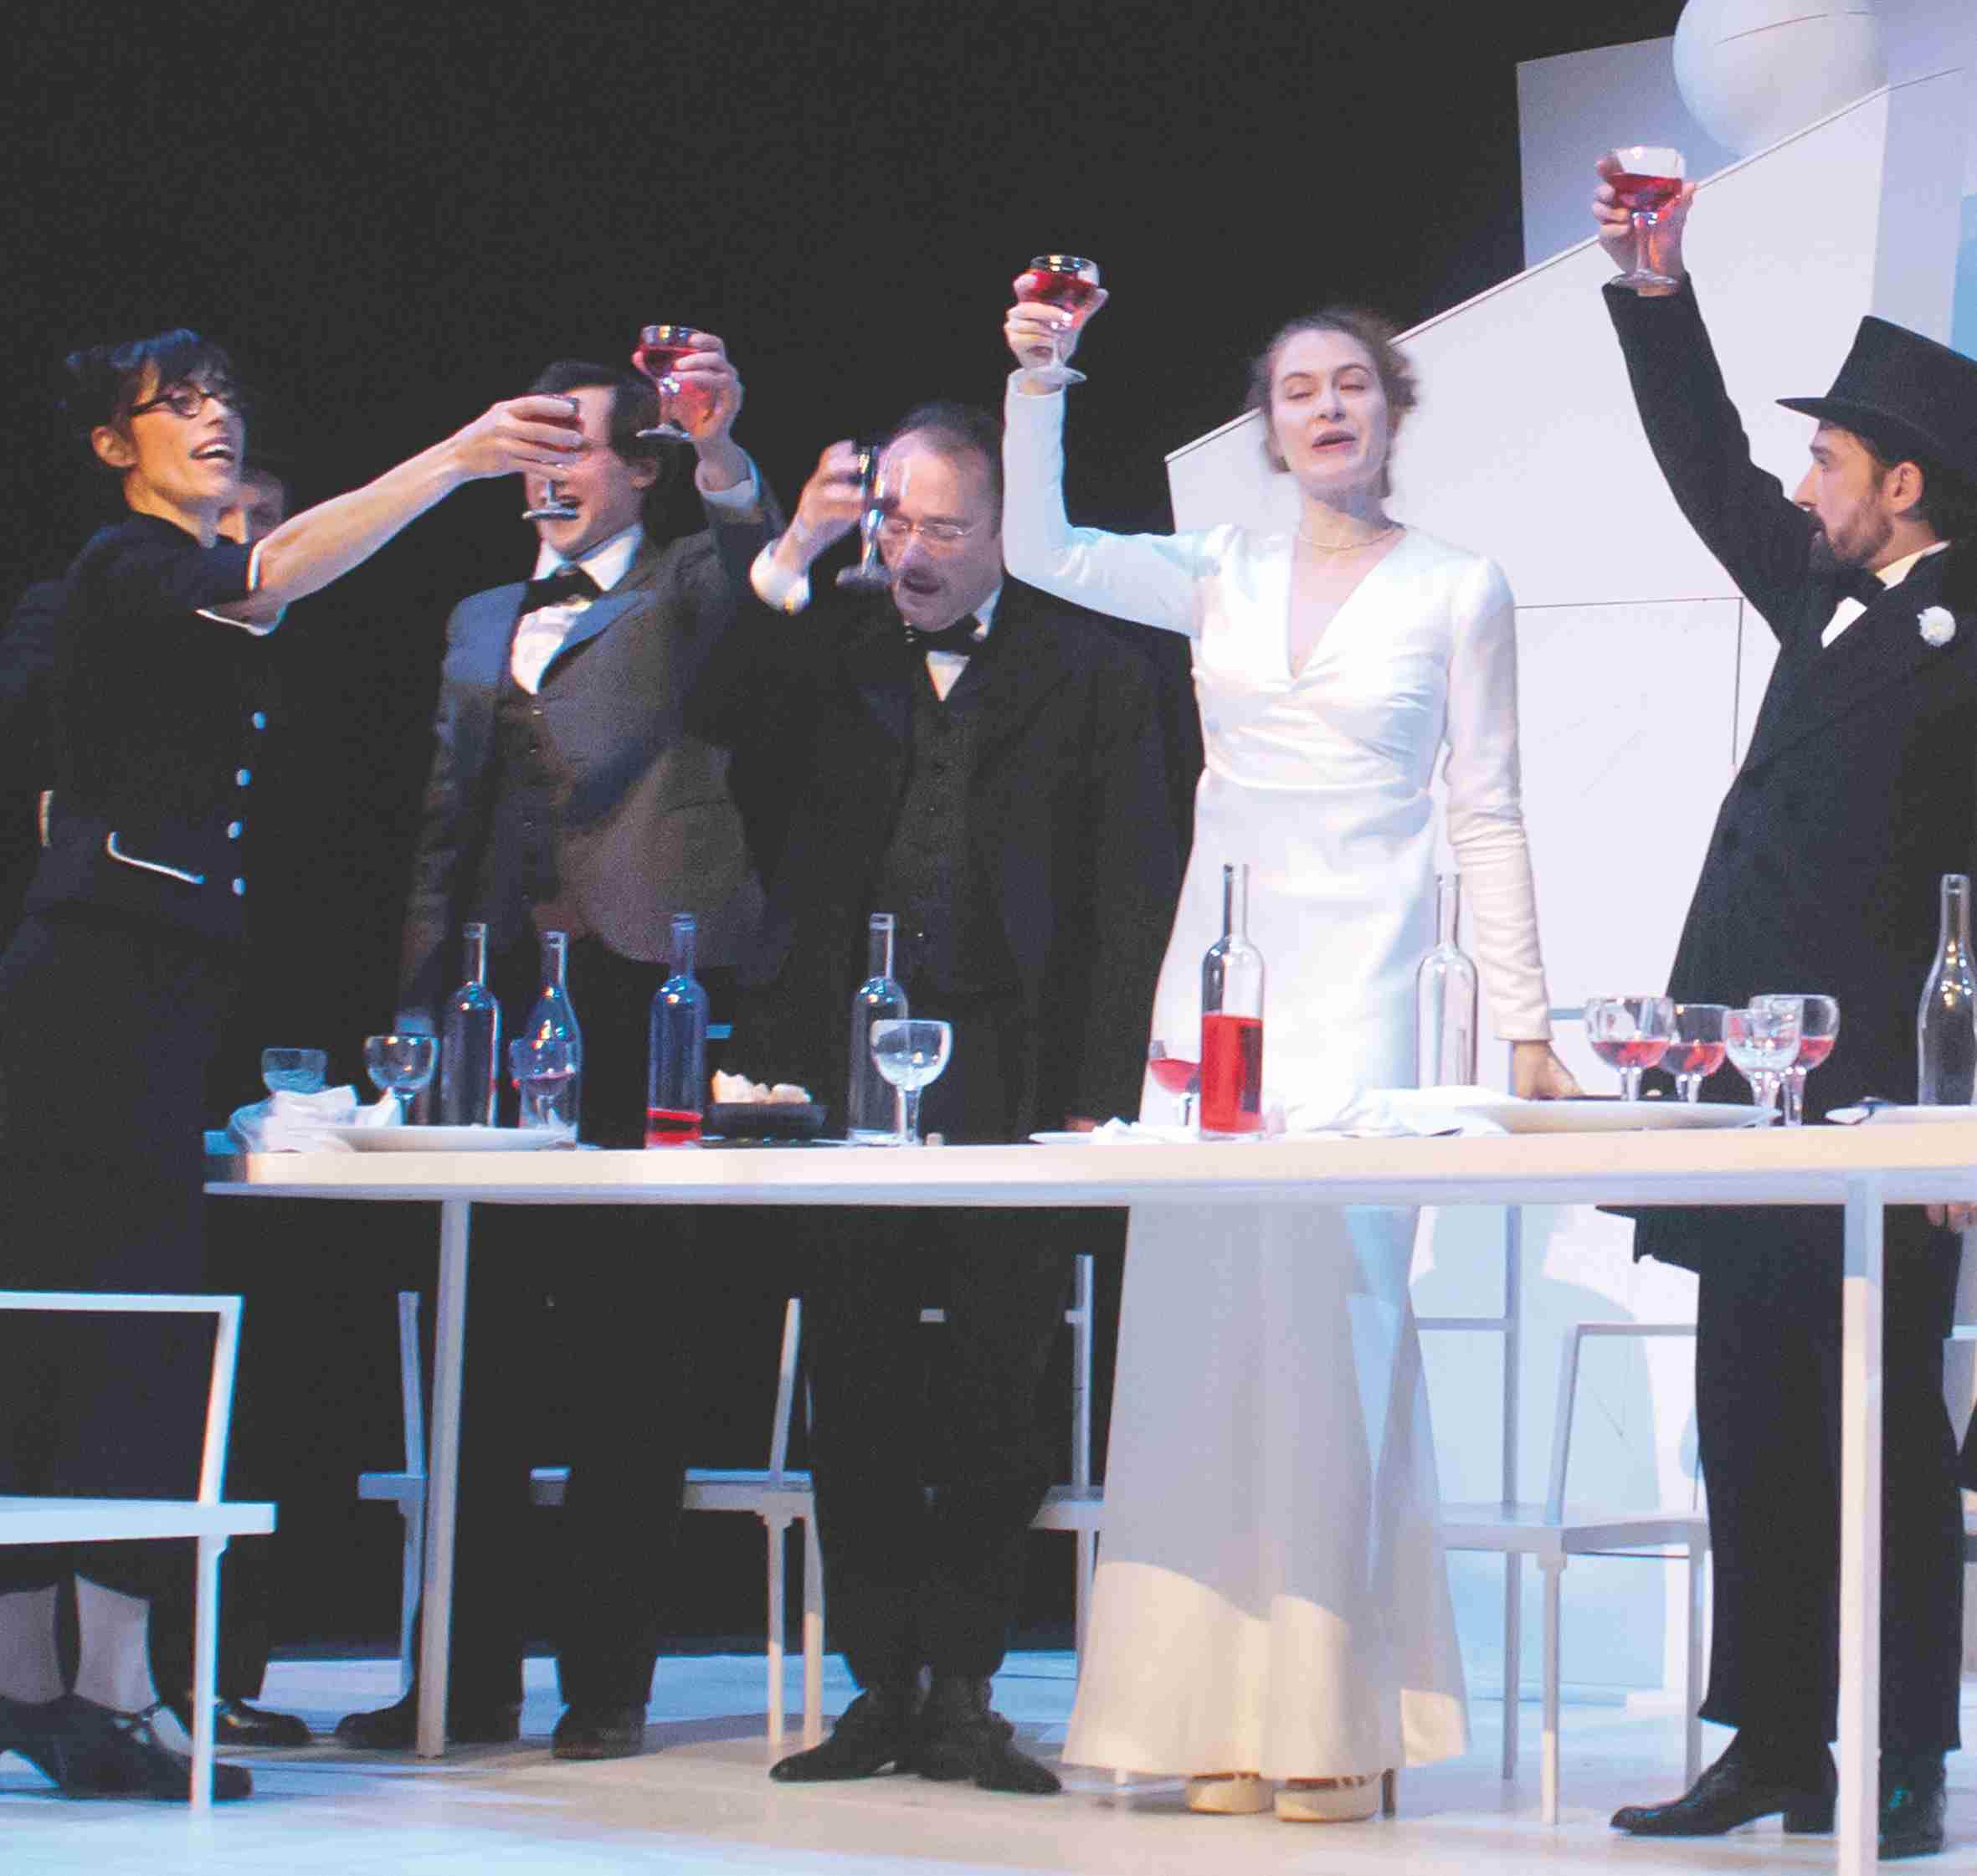 la rose, la bouteille et la poignée de main